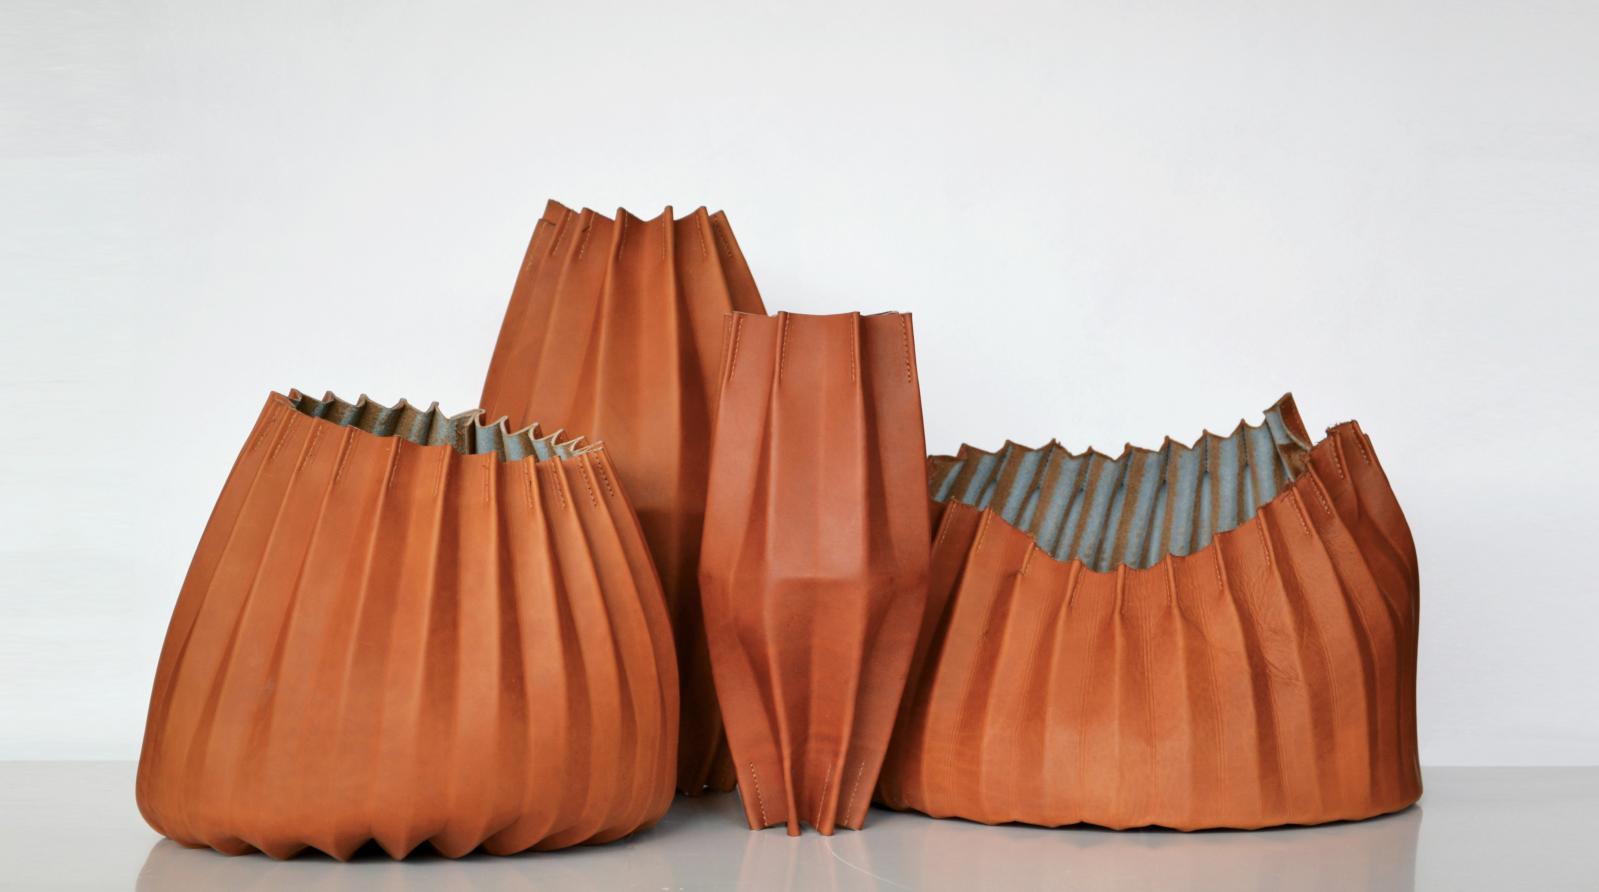 «Cuir de caractère», design Laëtitia Fortin, 2013. Contenants en cuir de veau plié, refente et couture machine, 35x35x25cm, 30x30x35cm, 15x